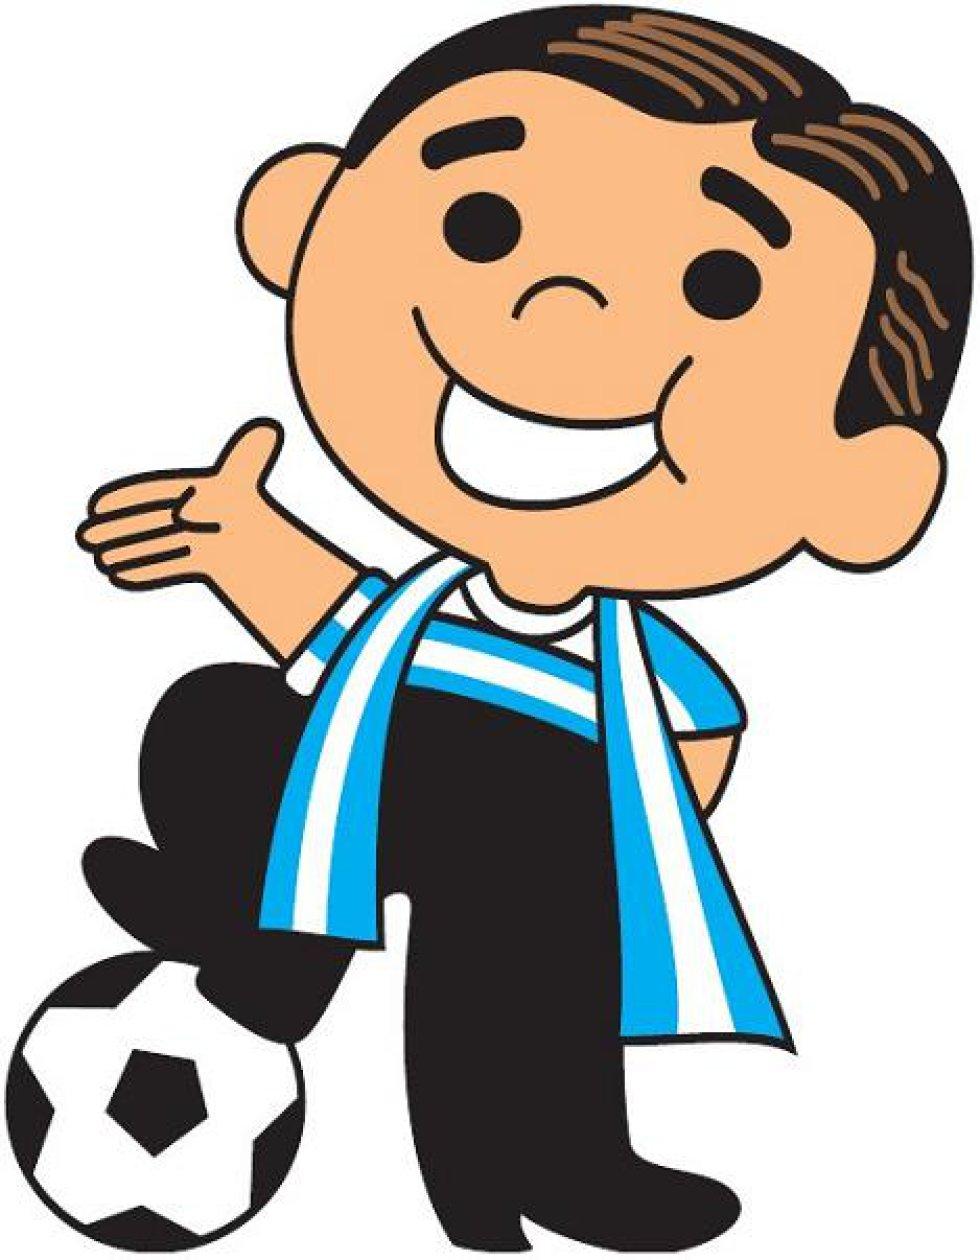 Primera mascota de la Copa América en Argentina 1987. Era una versión infantil del cantante de tango Carlos Gardel.